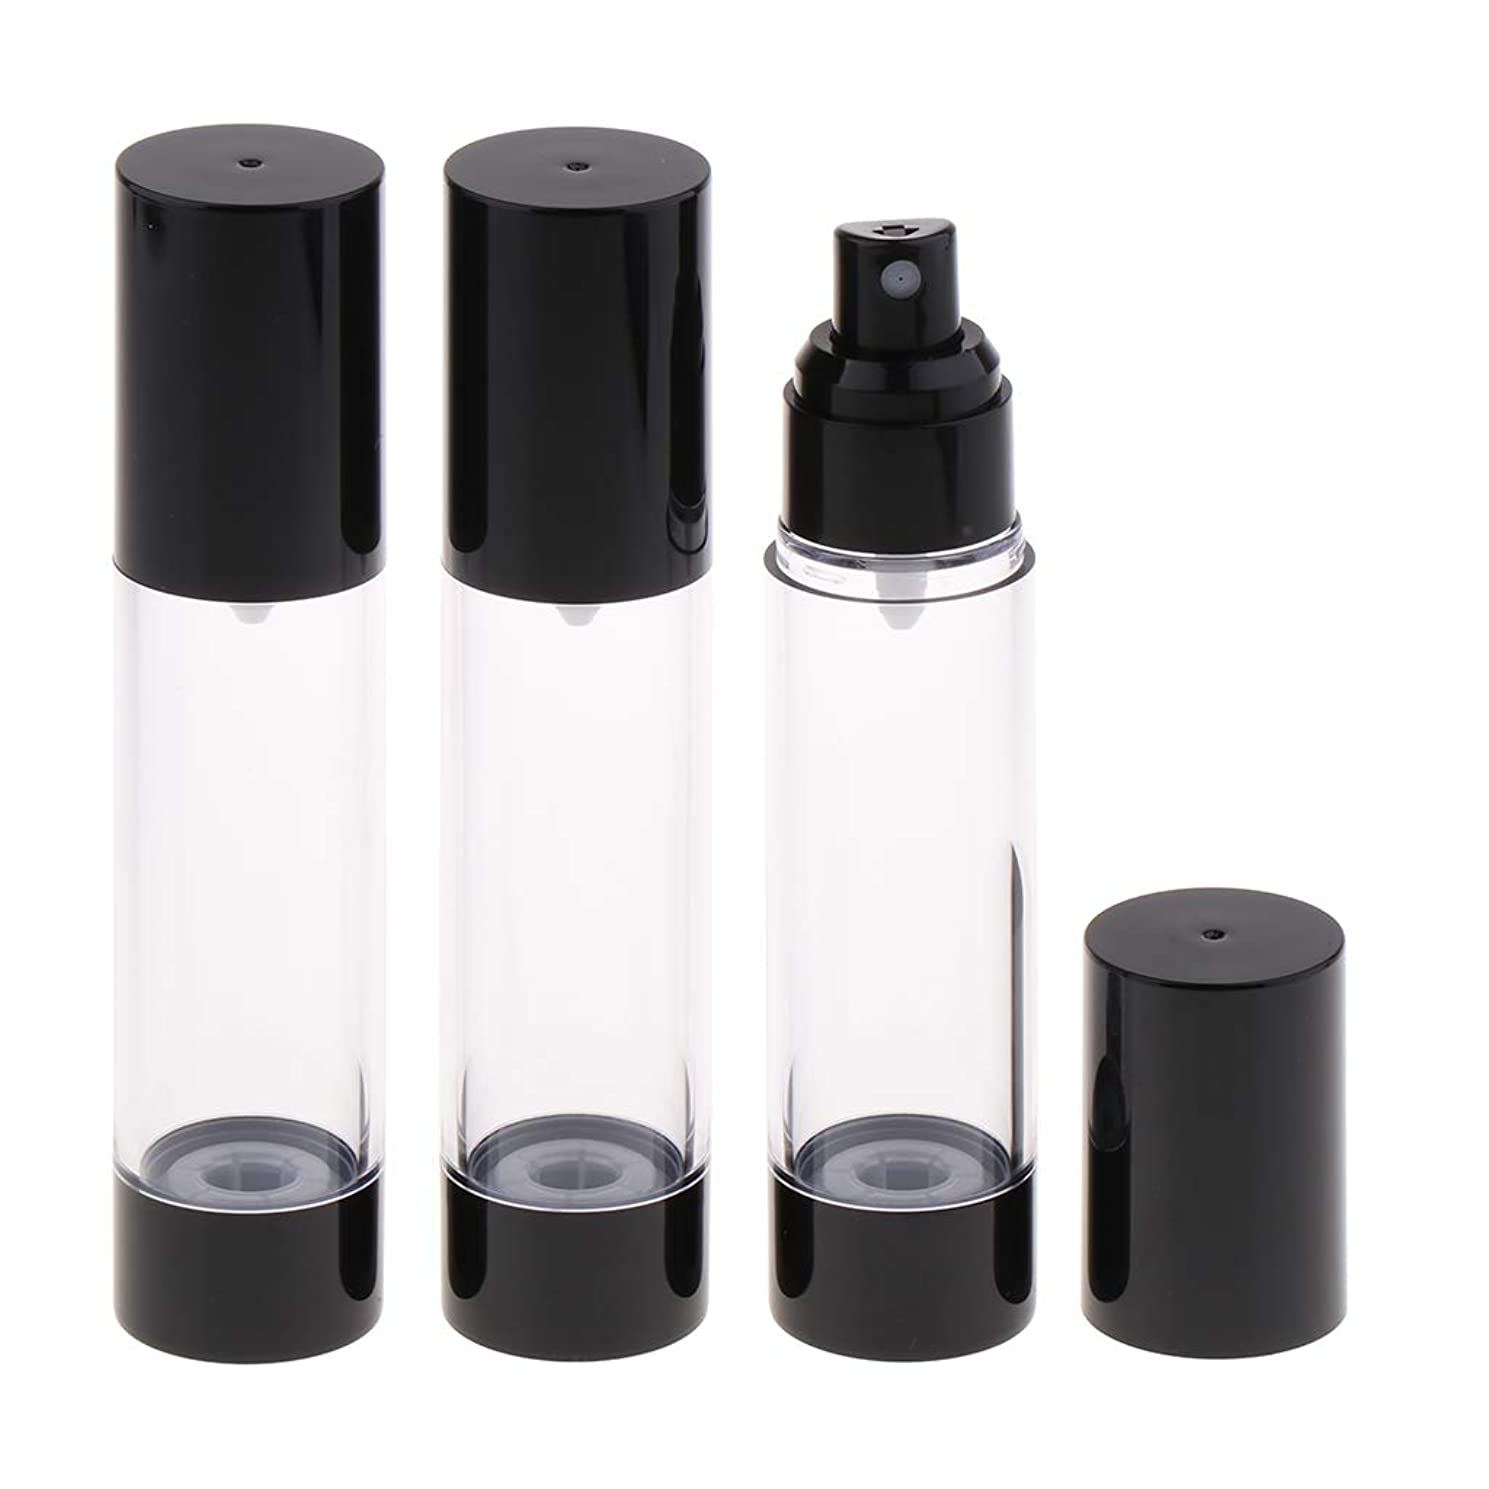 改革反論者リサイクルするHellery 香水アトマイザー スプレーボトル 真空ボトル 霧吹き 詰め替え 再利用可能 漏れ防止 携帯用 3個 - 50mlミスト